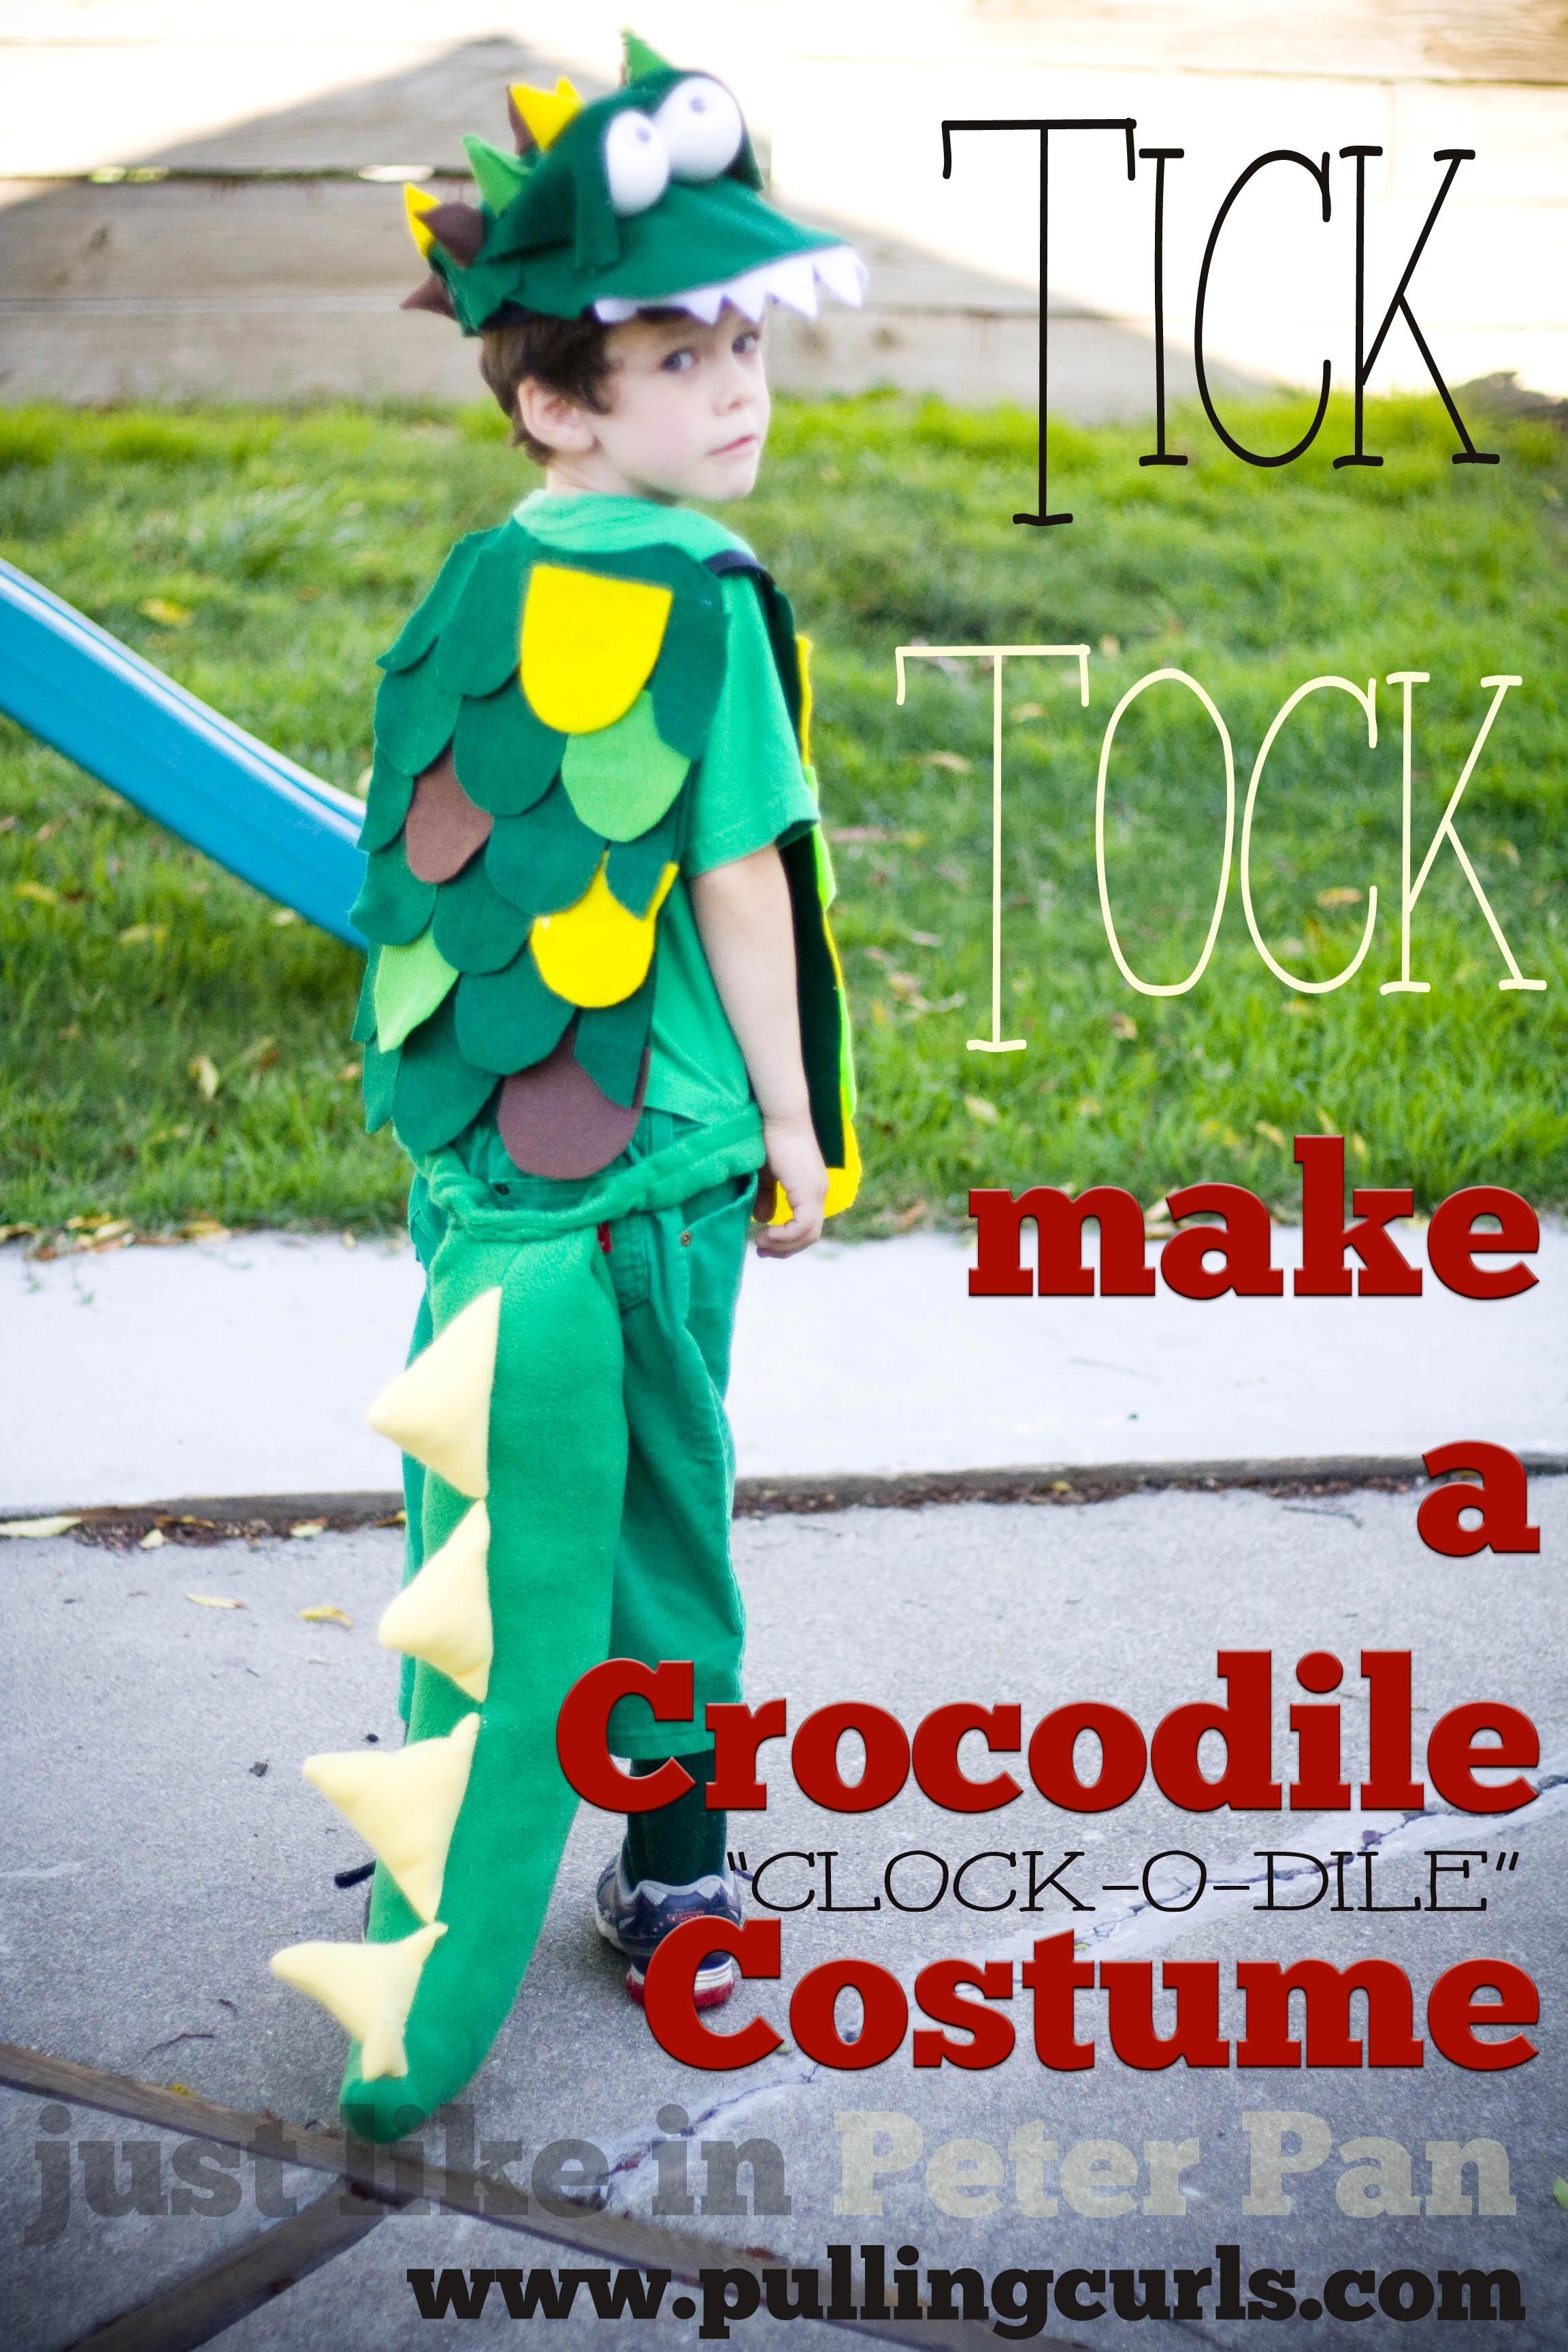 crocodile costume hat